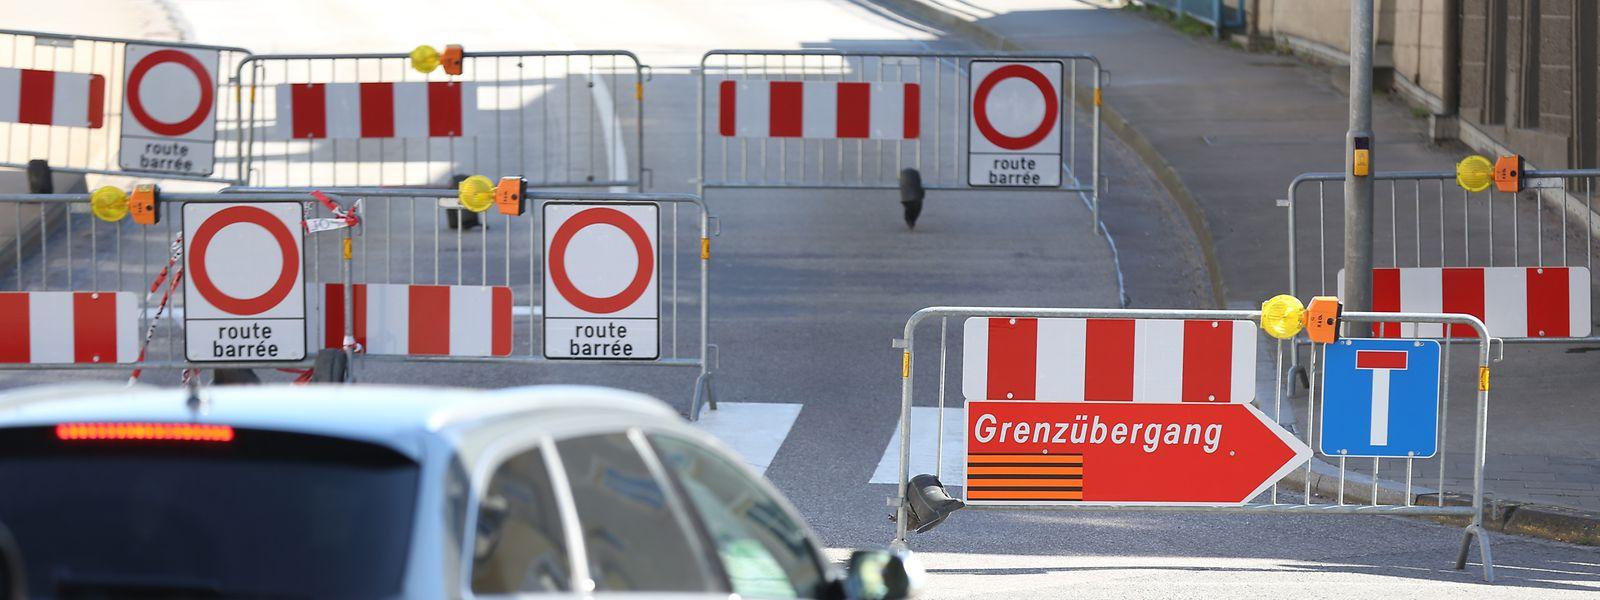 Einige Grenzübergänge von Luxemburg nach Deutschland (im Bild: Remich) sind seit Mitte März komplett geschlossen.